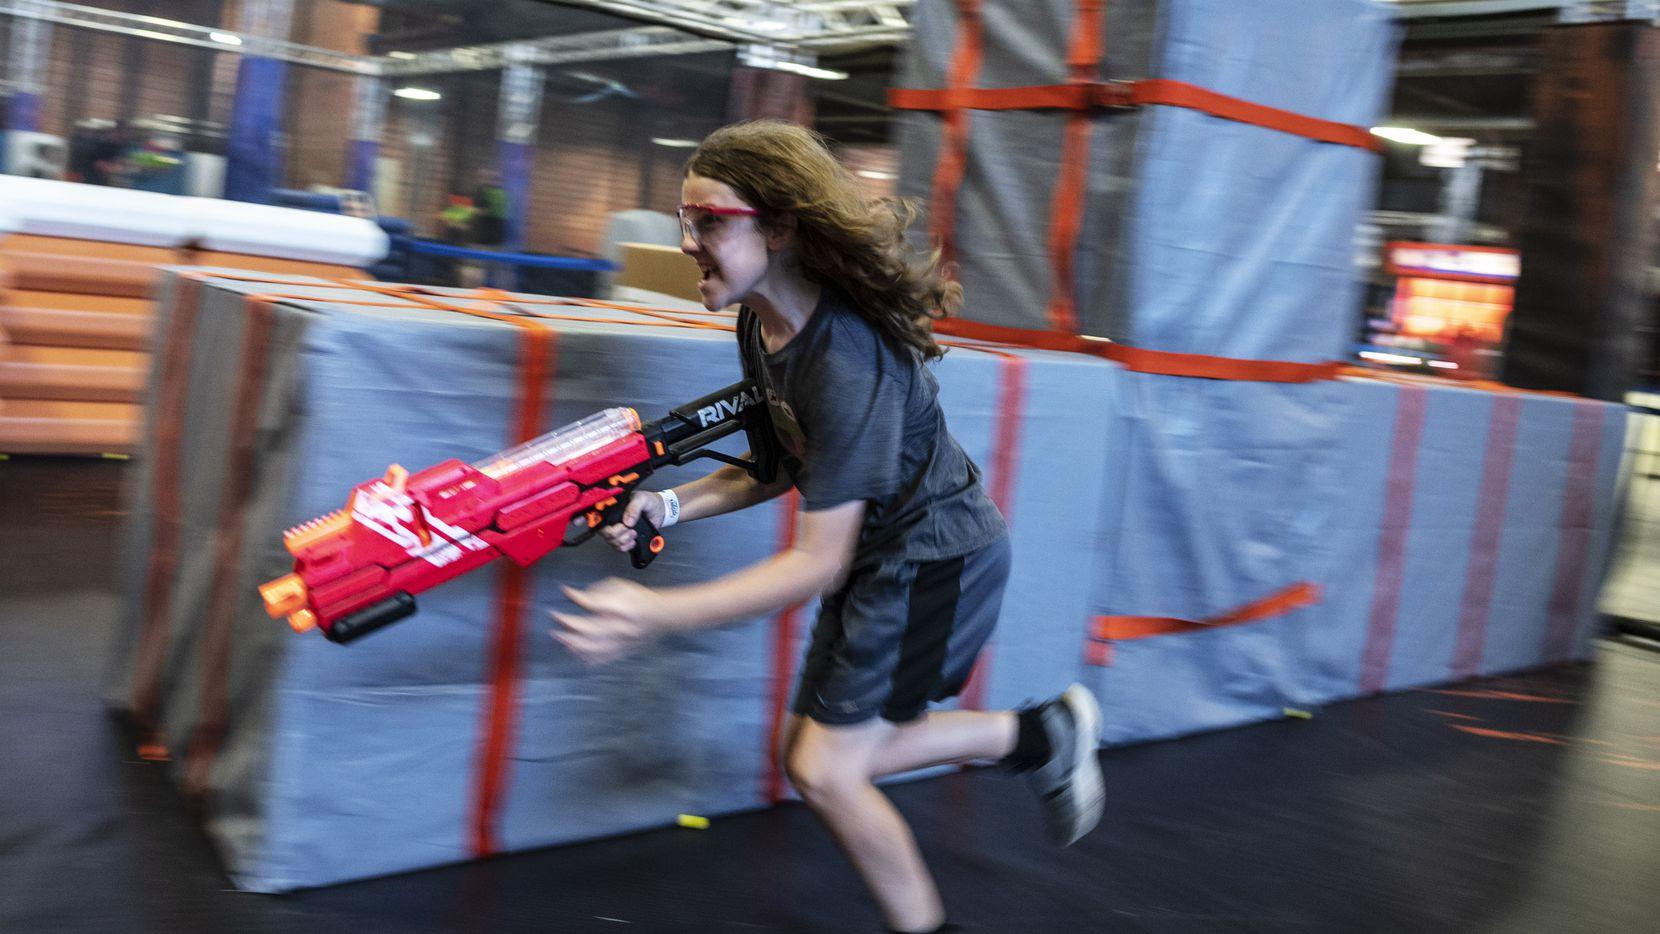 Kellen Hoss corre durante una batalla de juego de pistolas Nerf en el Nerf Challenge en Fair Park de Dallas, el 11 de junio de 2021.